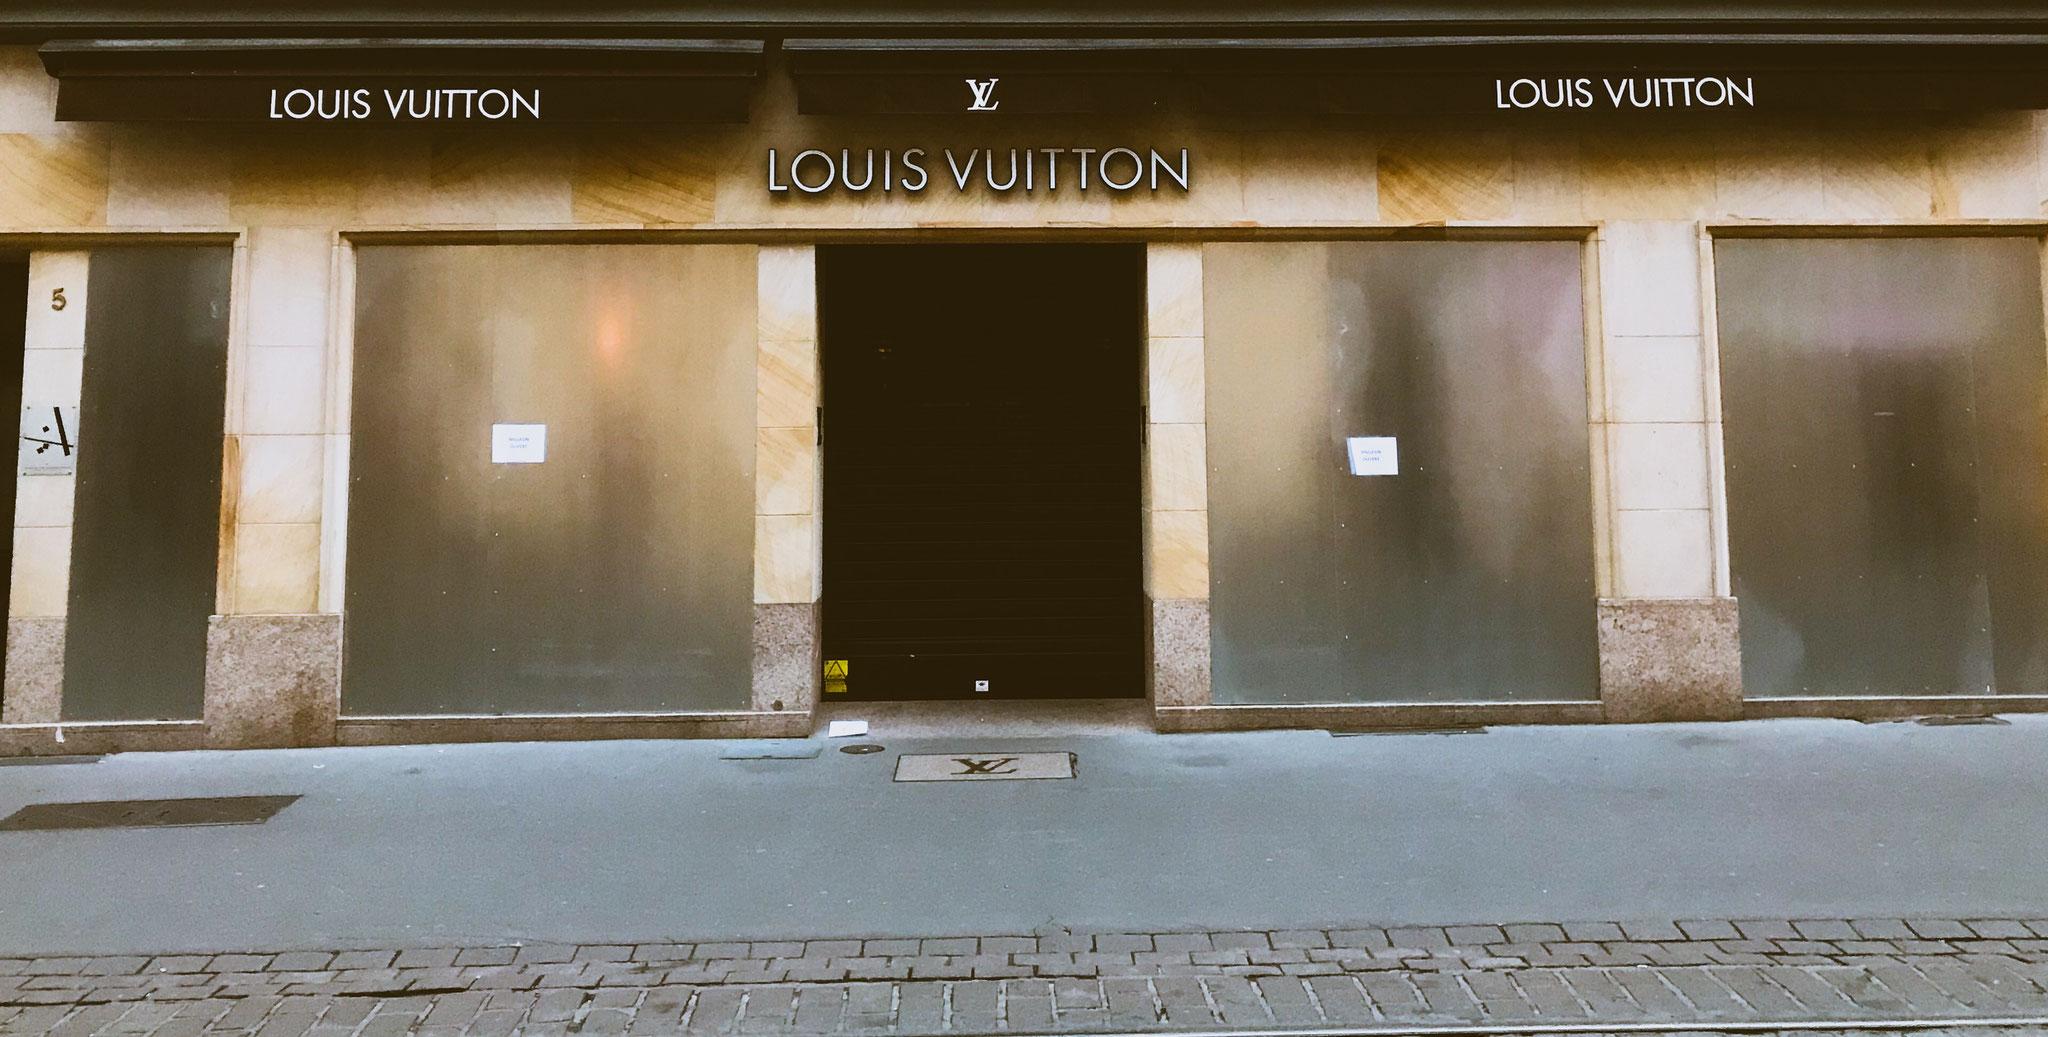 Louis Vuitton Ladenfront während Demo in Straßburg / Louis Vuitton closed storefront Straßburg